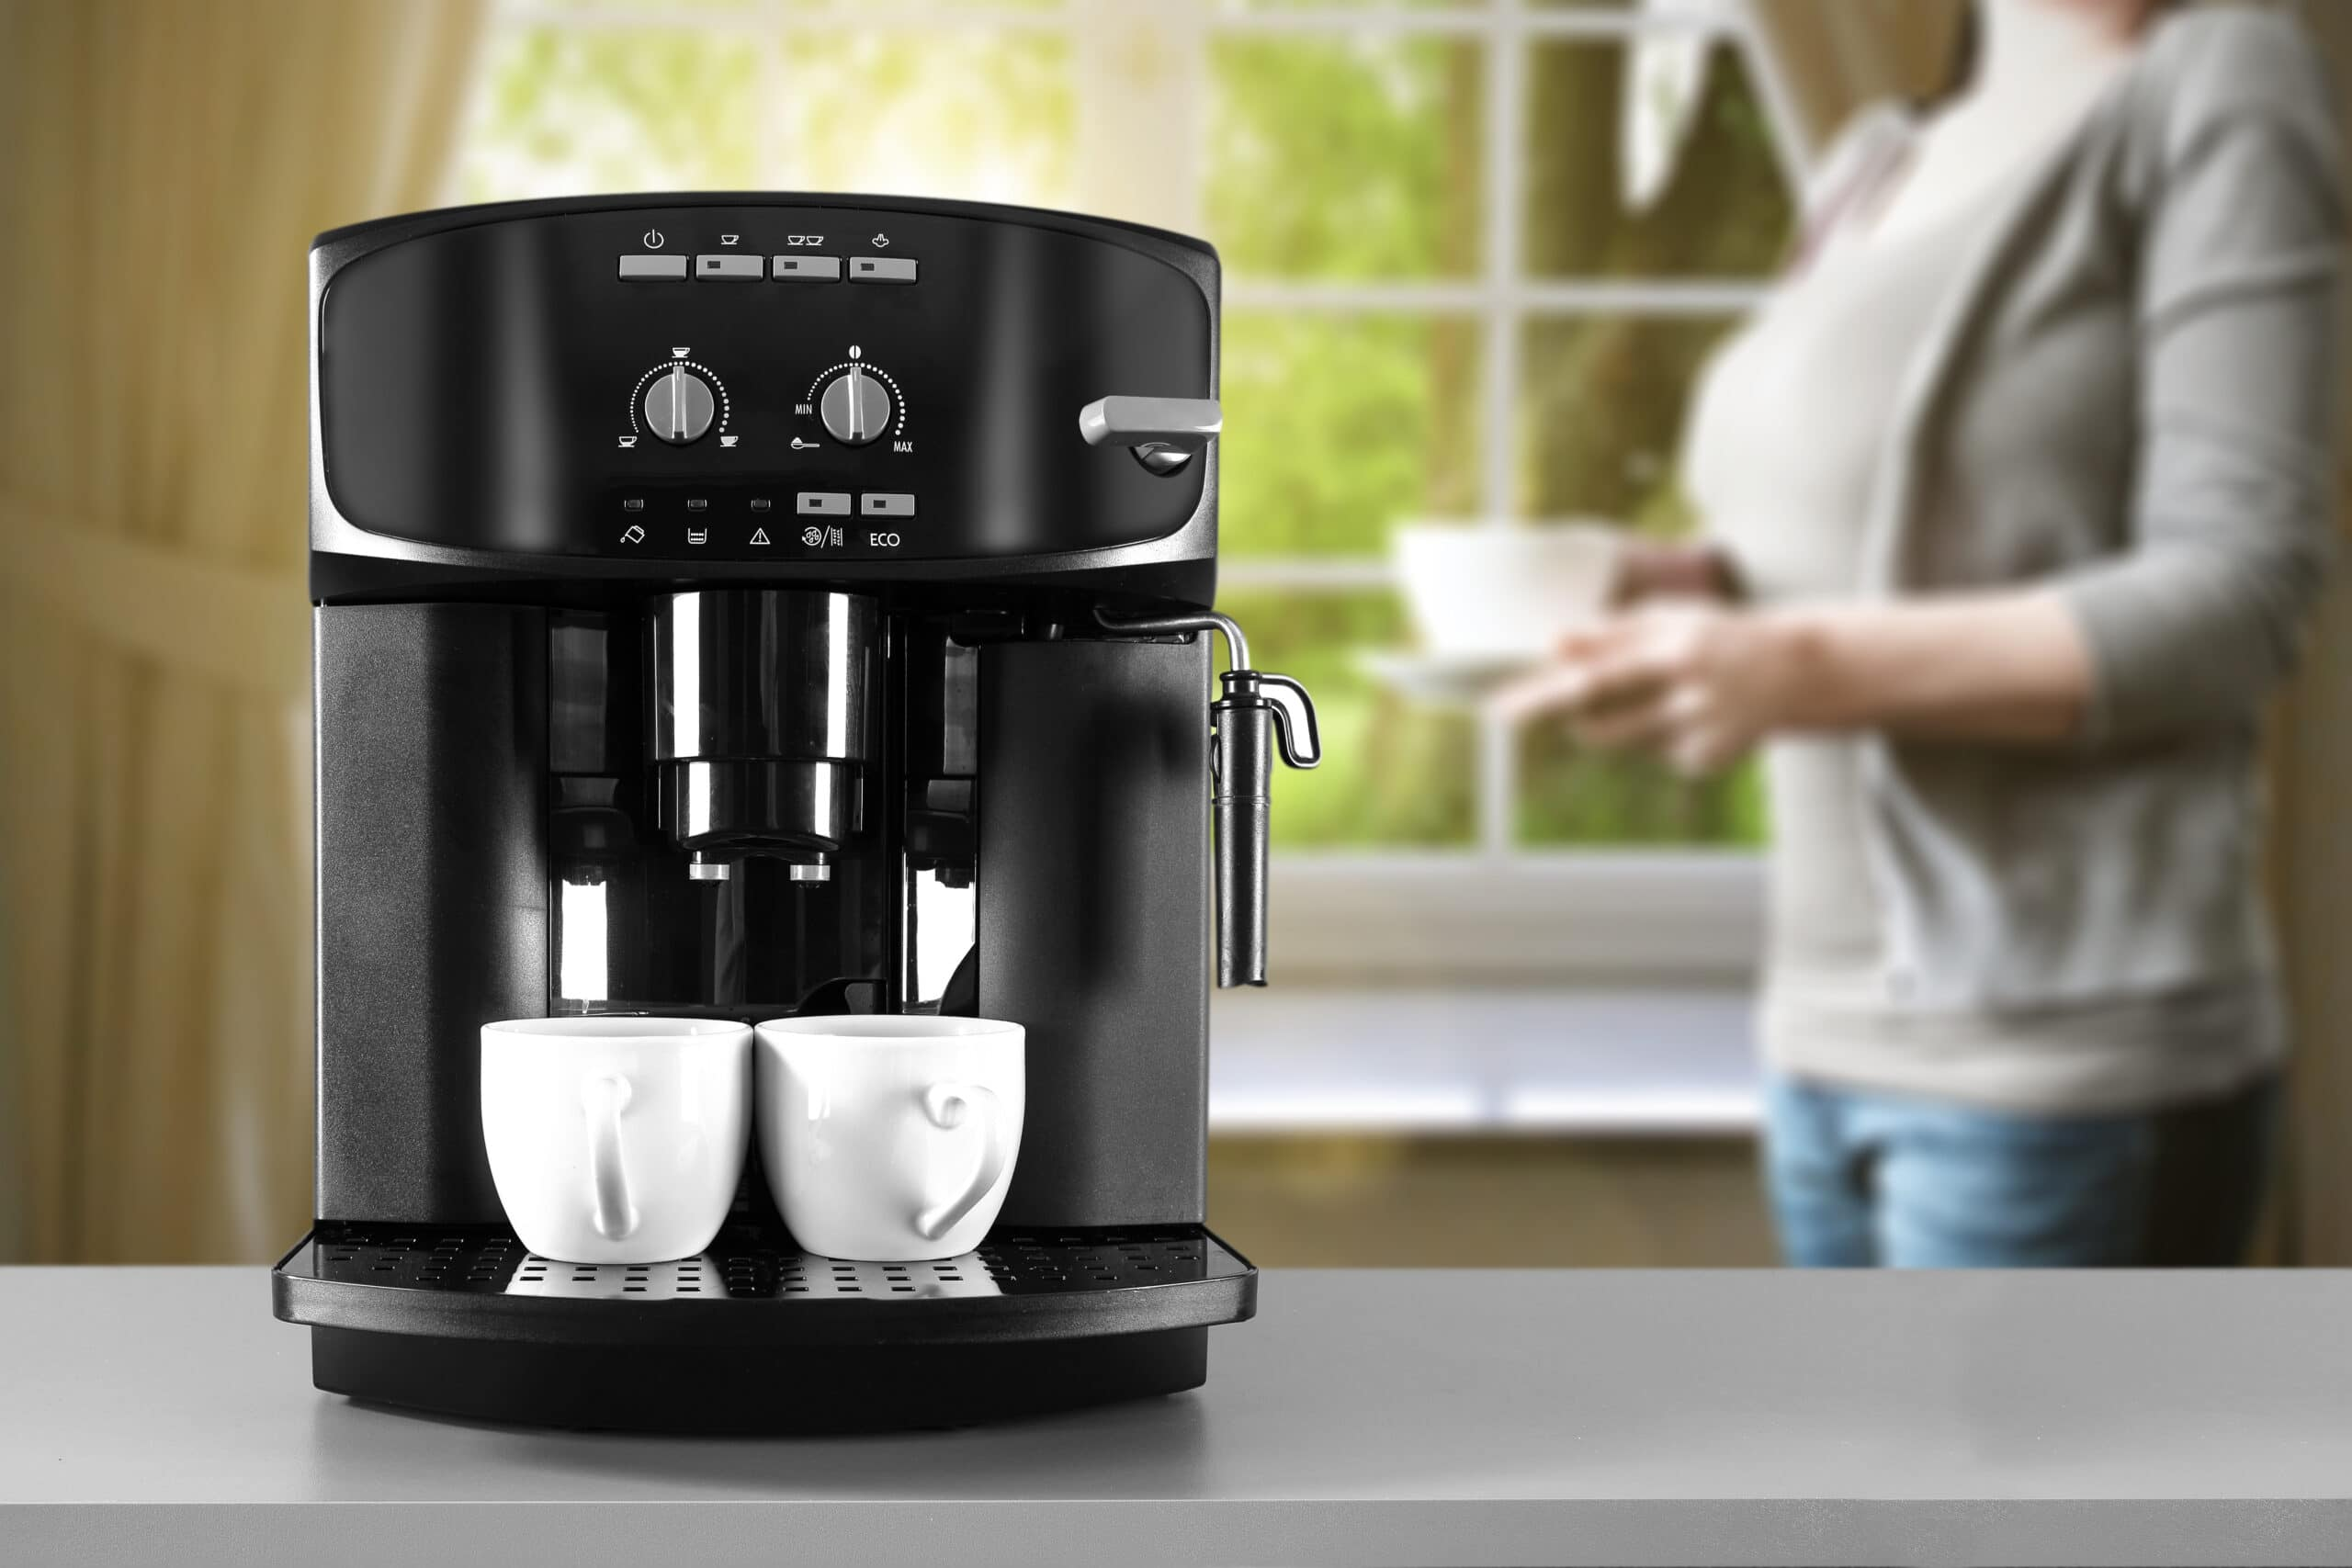 Top 15 Best Espresso Machines Under 200